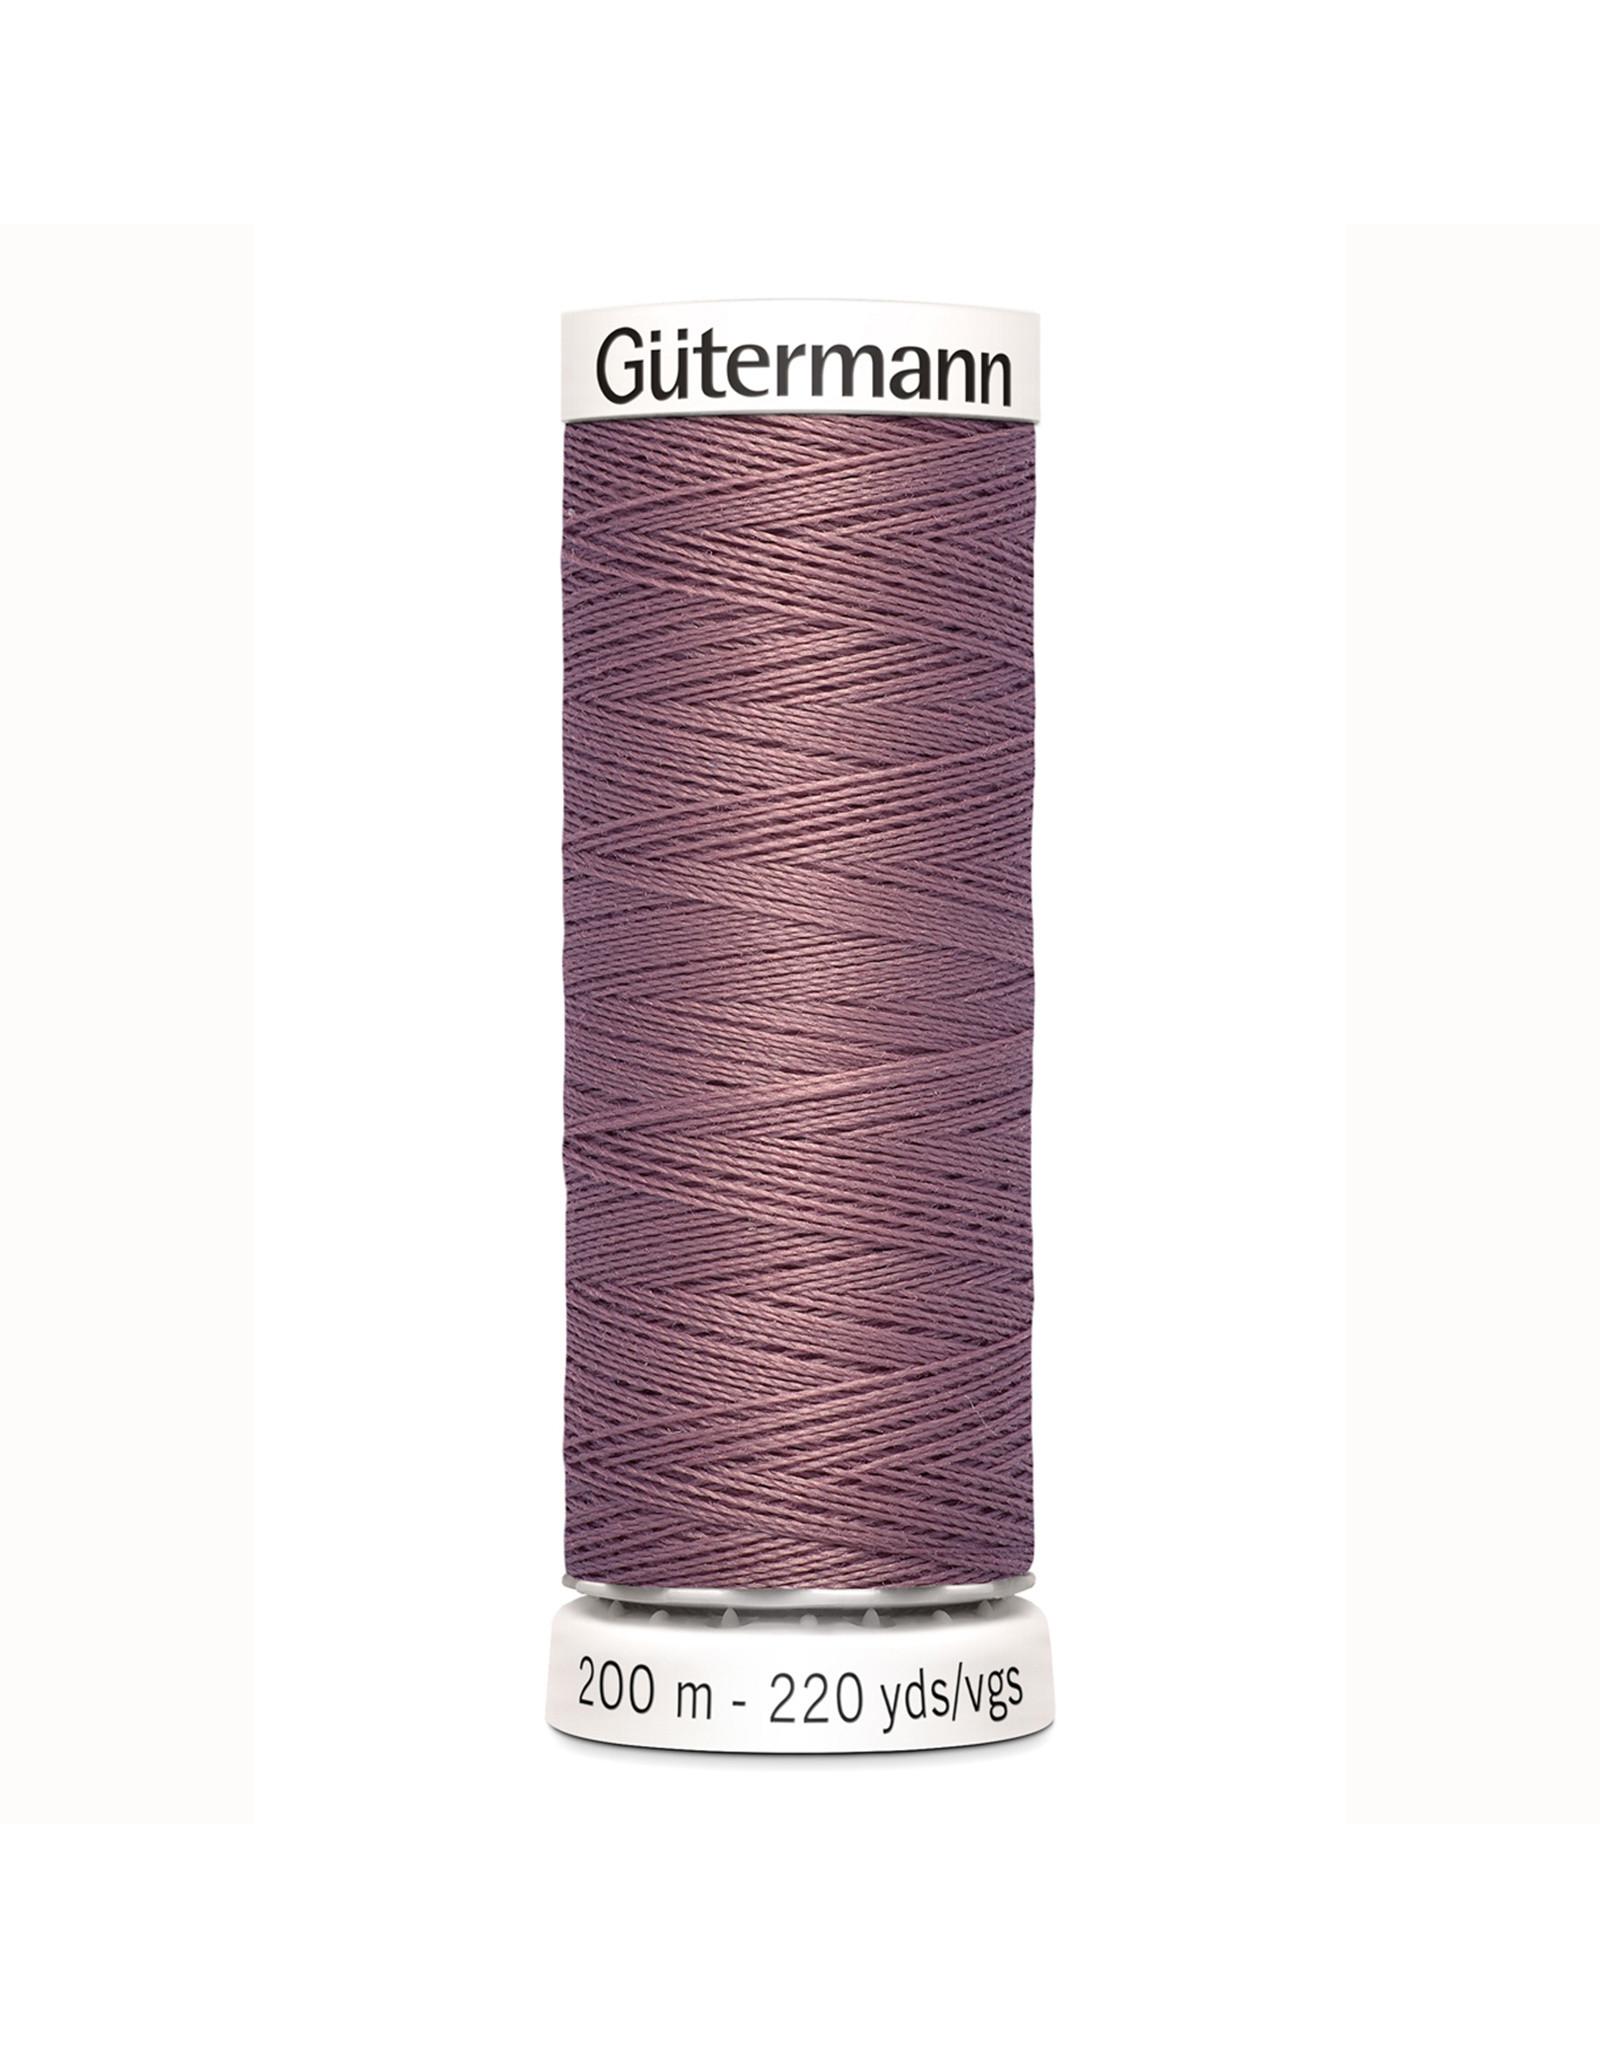 Gütermann Gütermann Nähgarn 200 m - nr 52